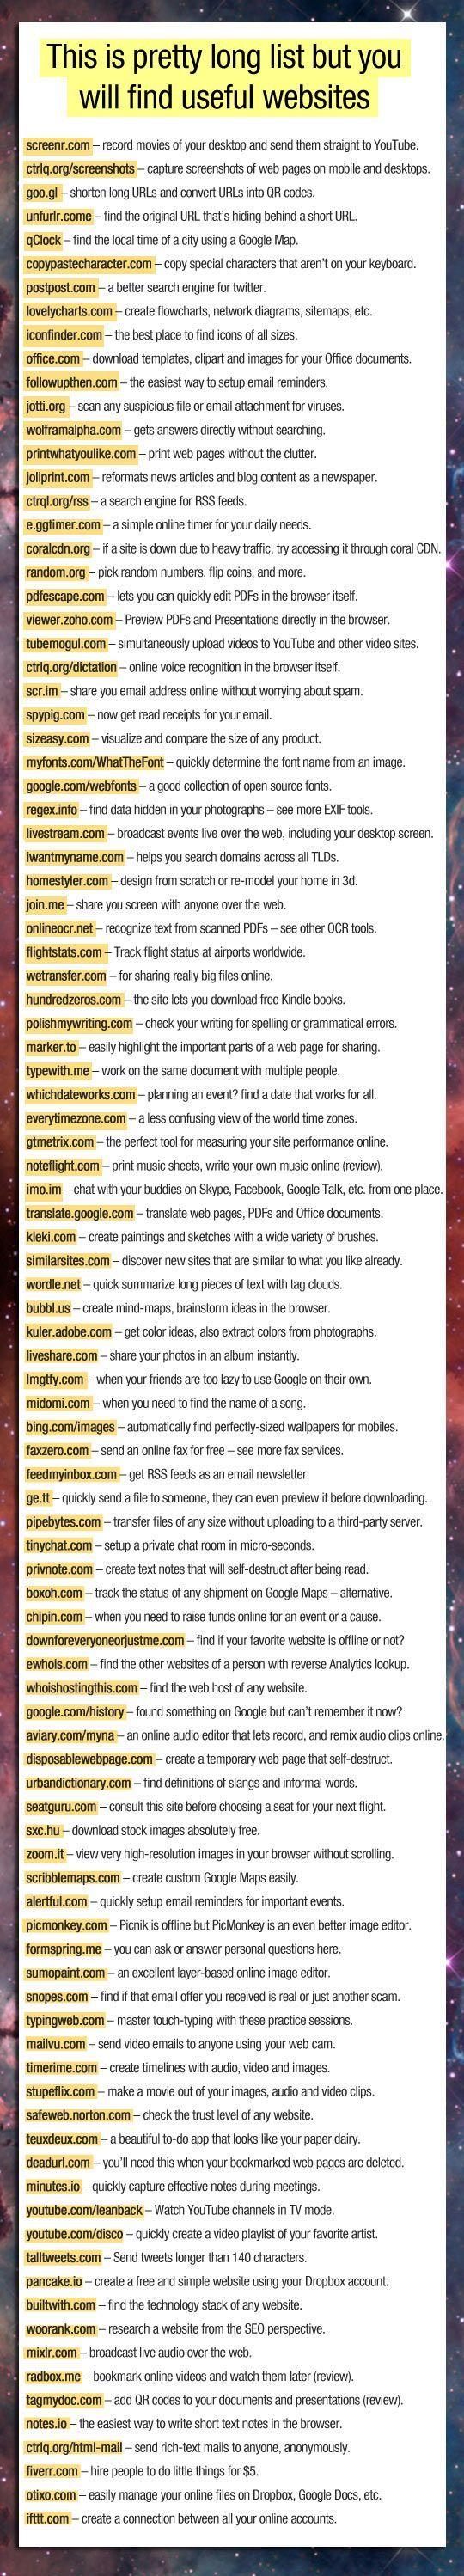 Dans un passé qui n'est pas si lointain, nous utilisions de nombreux logiciels de bureau. Pour saisir du texte, retoucher des photos, mettre en page des pr